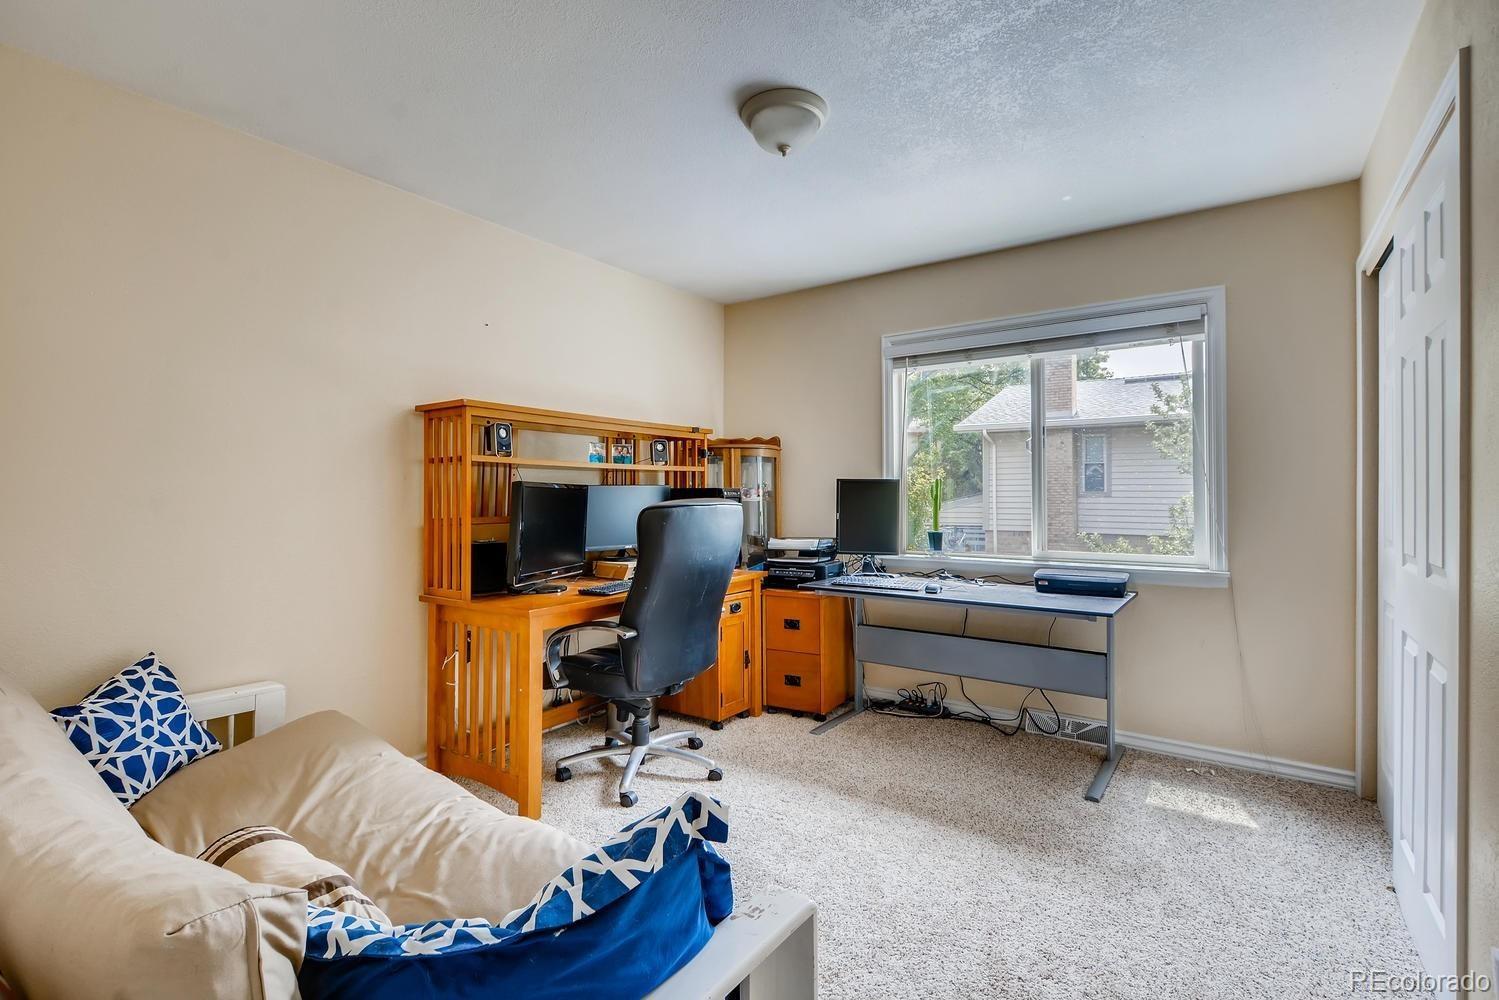 MLS# 8649012 - 25 - 7604 E Colgate Place, Denver, CO 80231